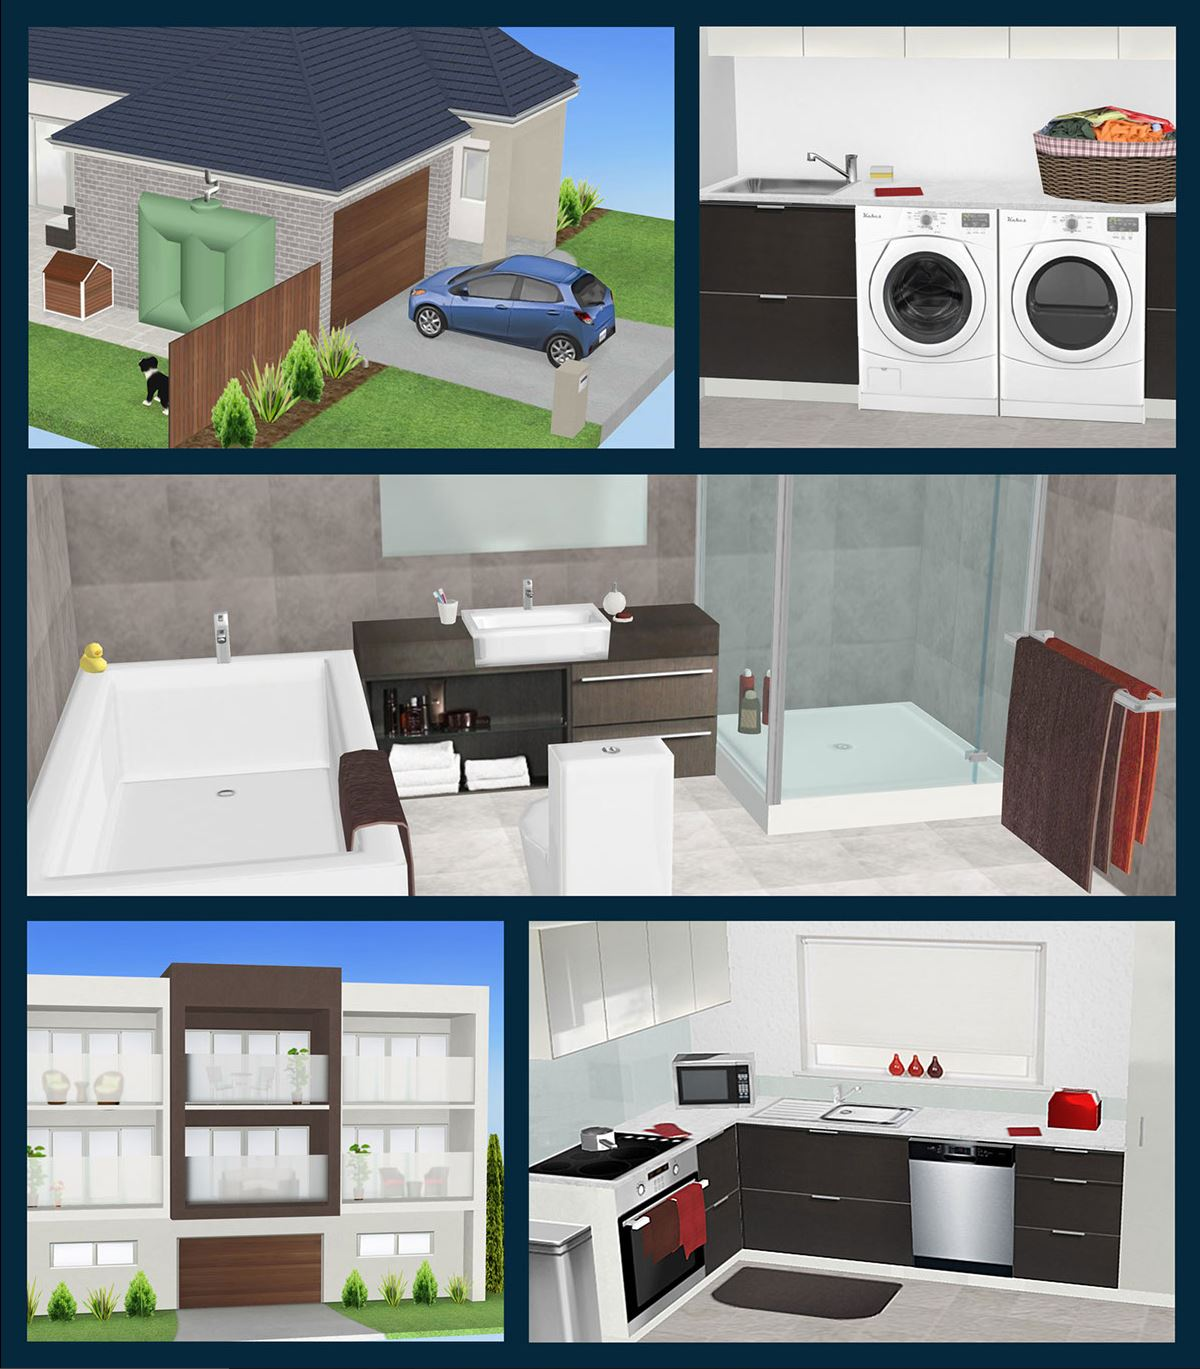 3dGeoffhouse